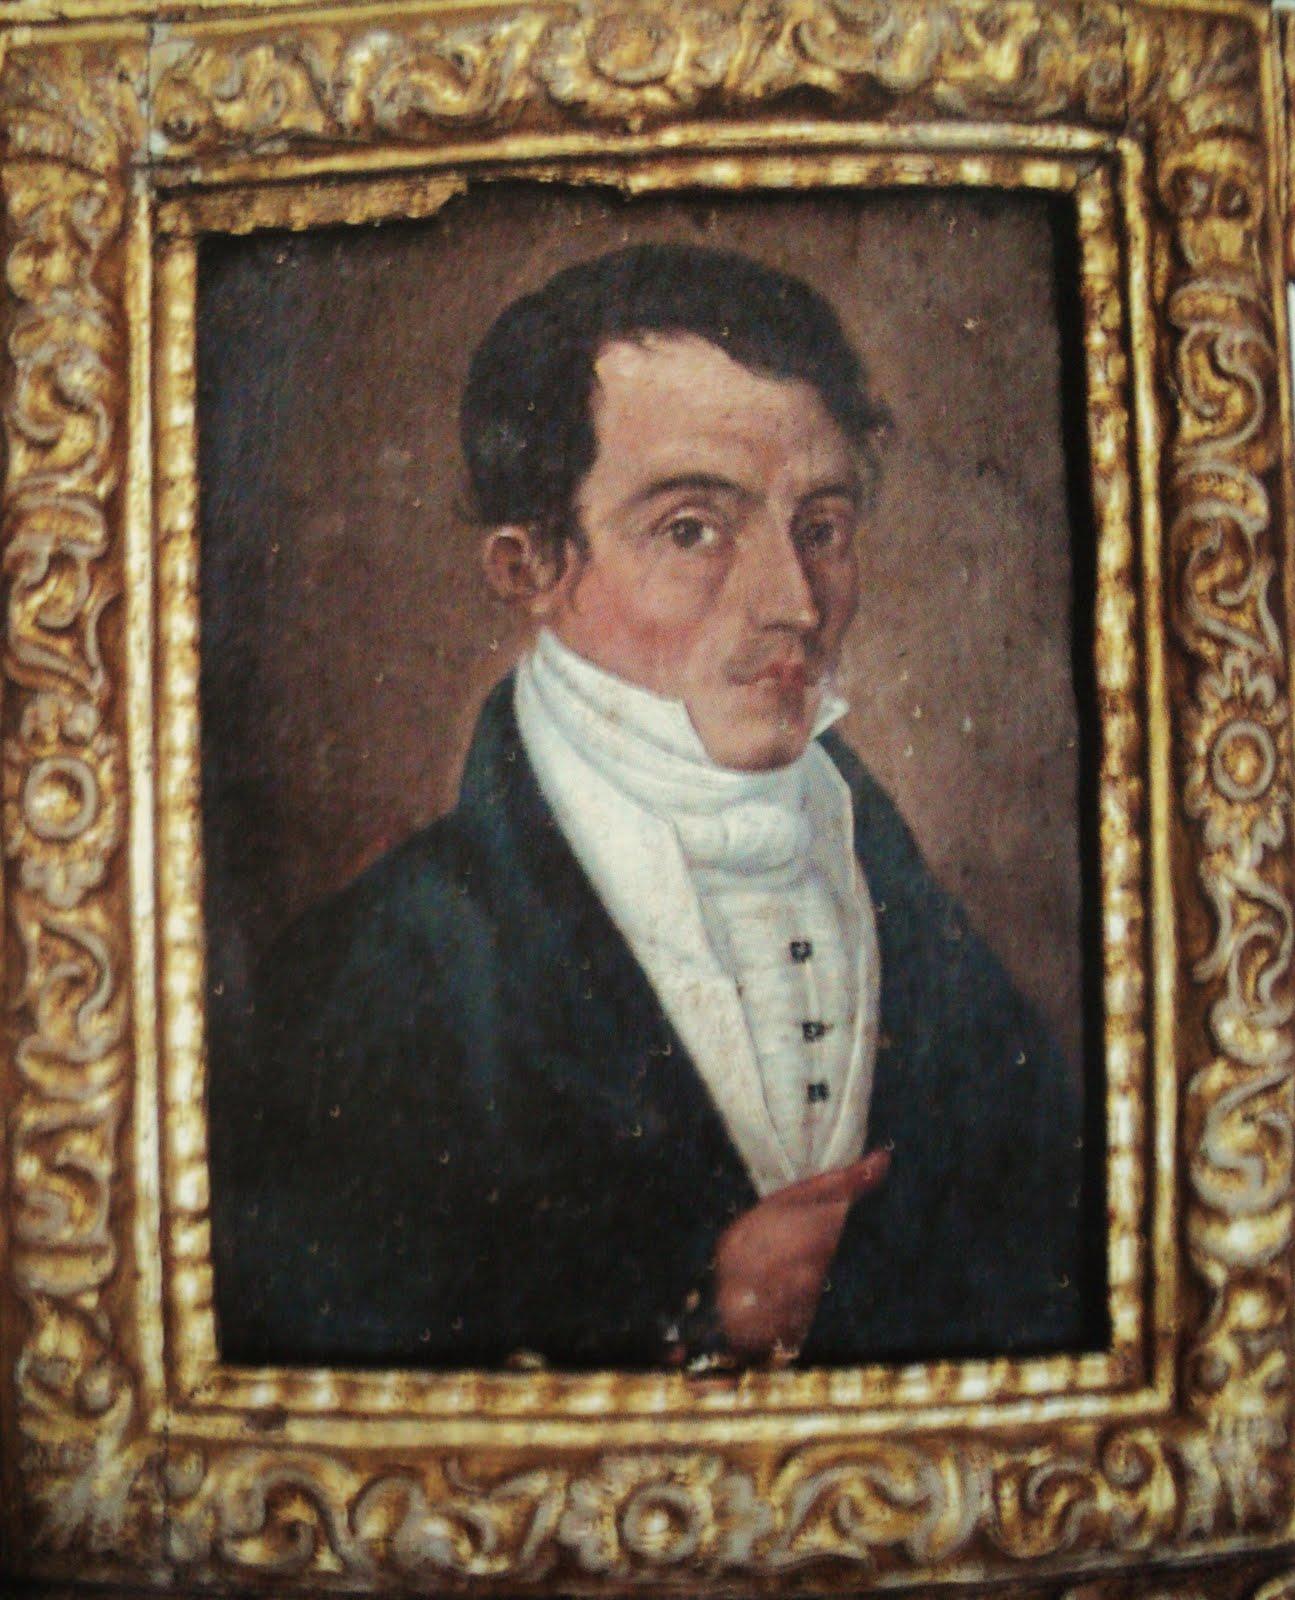 REFLEXIONES ACERCA DE LAS VIRUELAS. 1785. Real Audiencia de Quito. Autor: Dr. Eugenio Espejo.